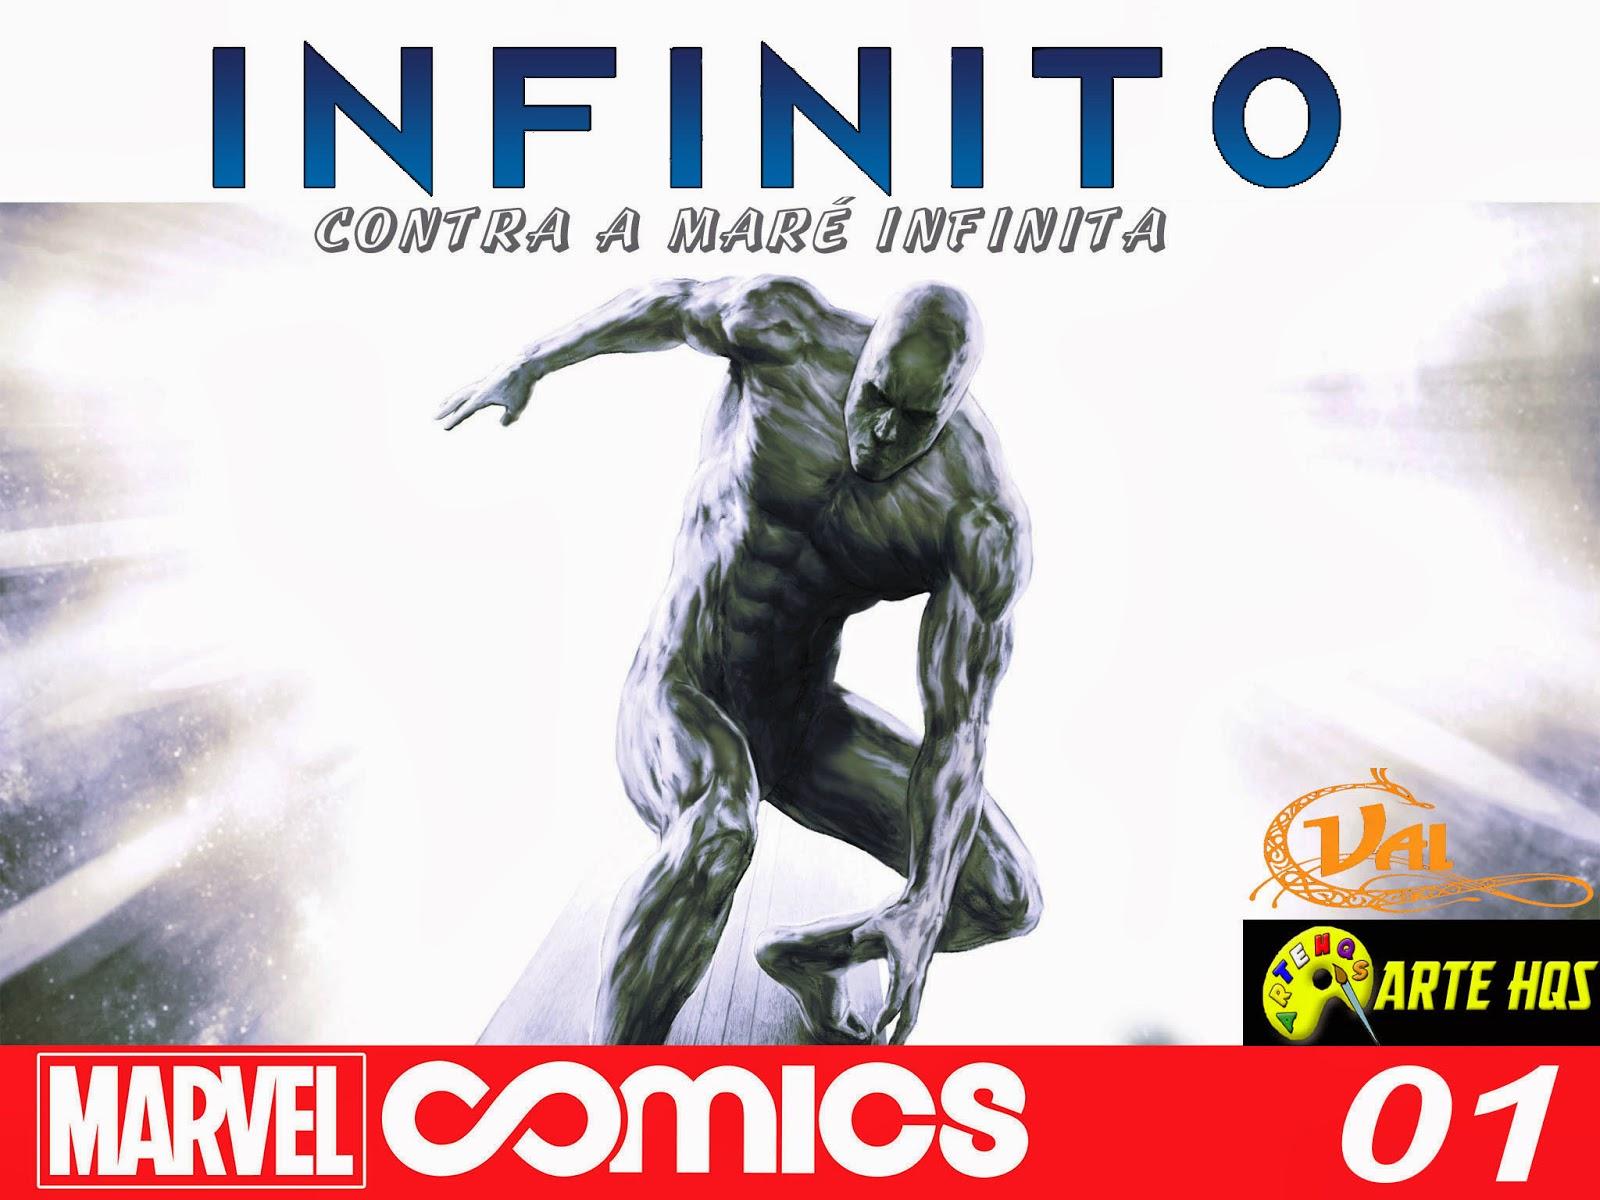 Nova Marvel! Infinito: Contra a Maré #1